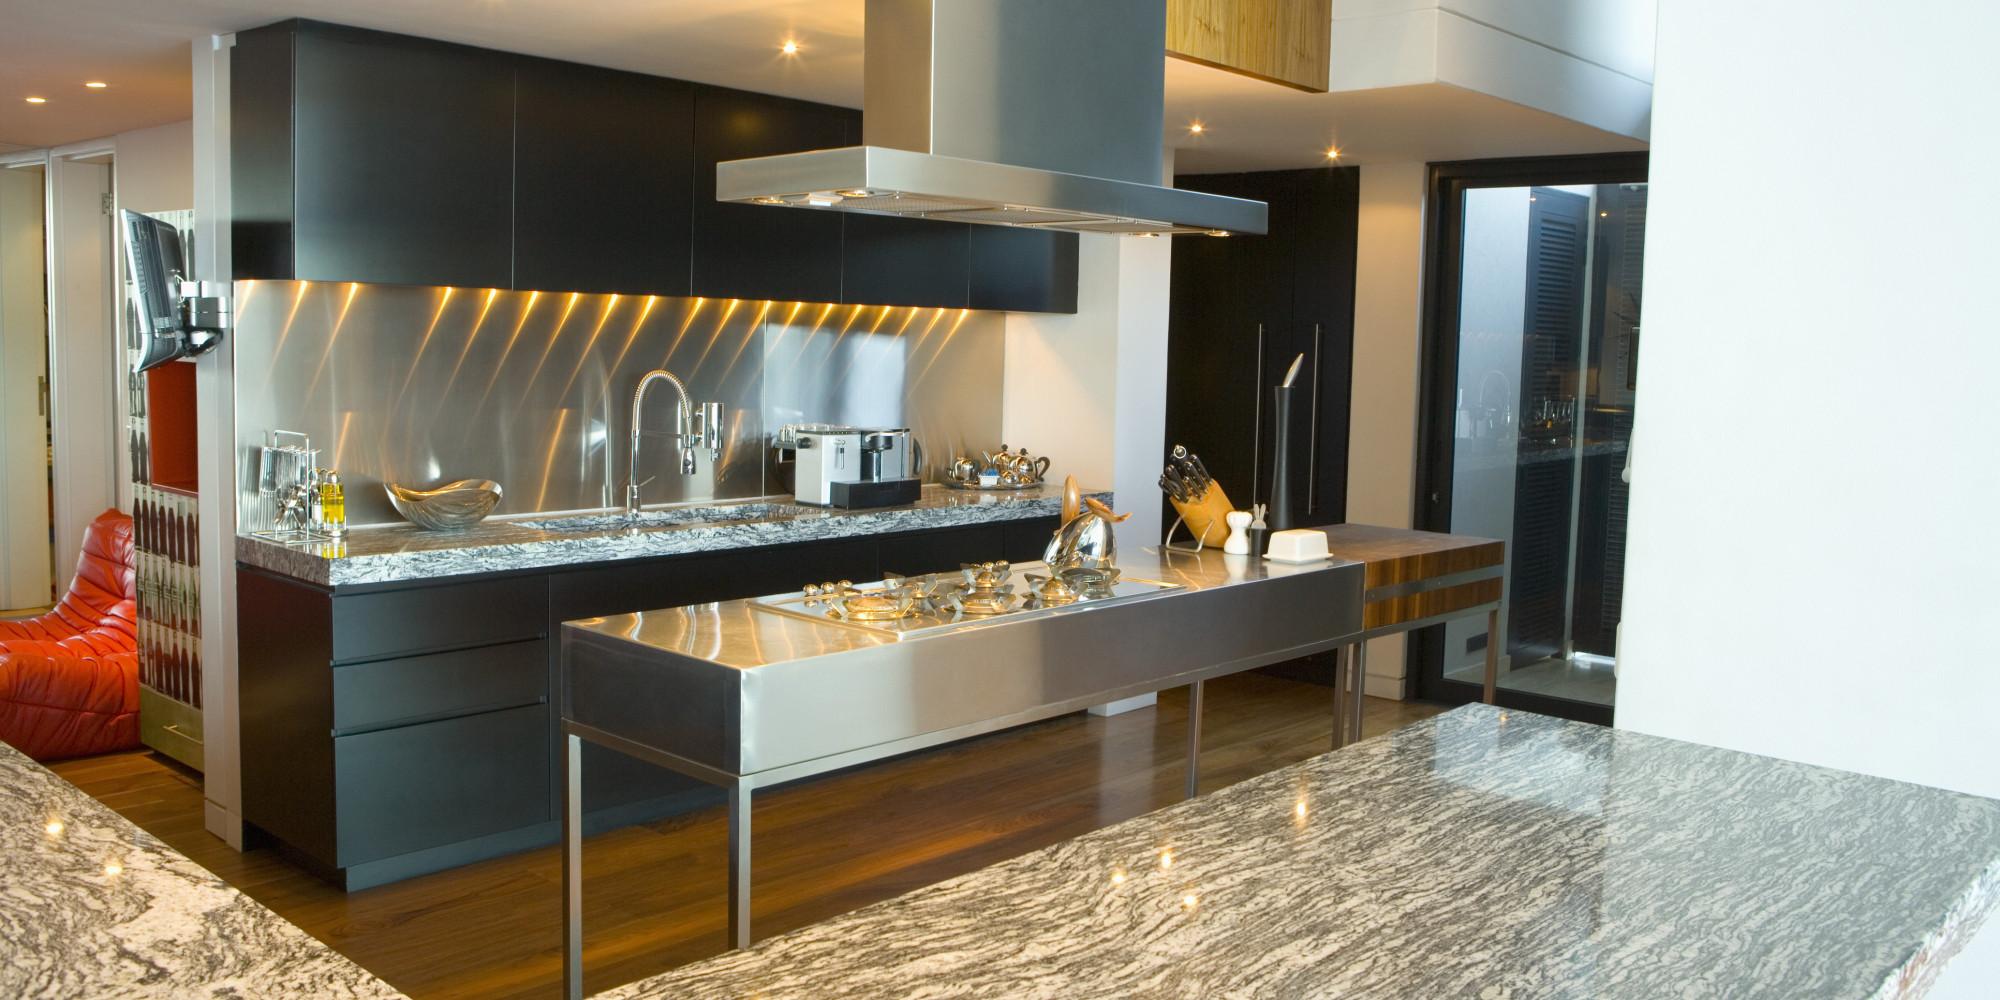 13 tipps wie sie eine kleine wohnung clever einrichten houzz. Black Bedroom Furniture Sets. Home Design Ideas